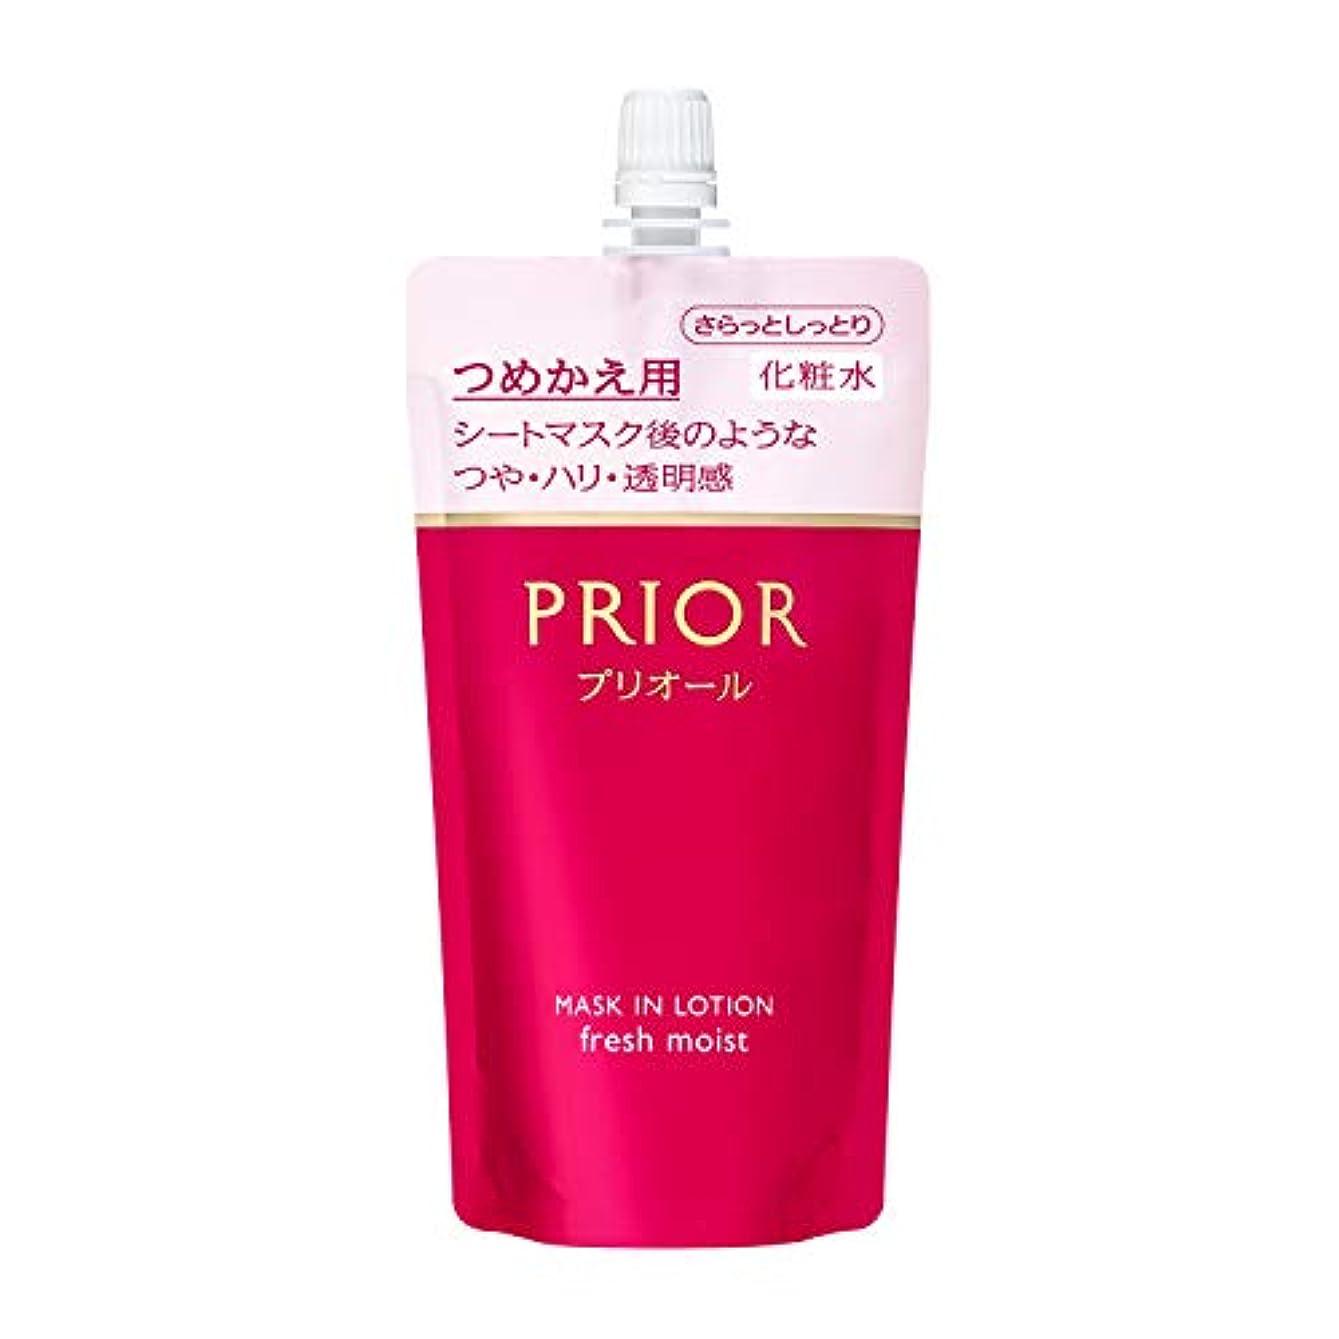 ラジウム追放するベッツィトロットウッドプリオール マスクイン化粧水 (さらっとしっとり) (つめかえ用) 140mL